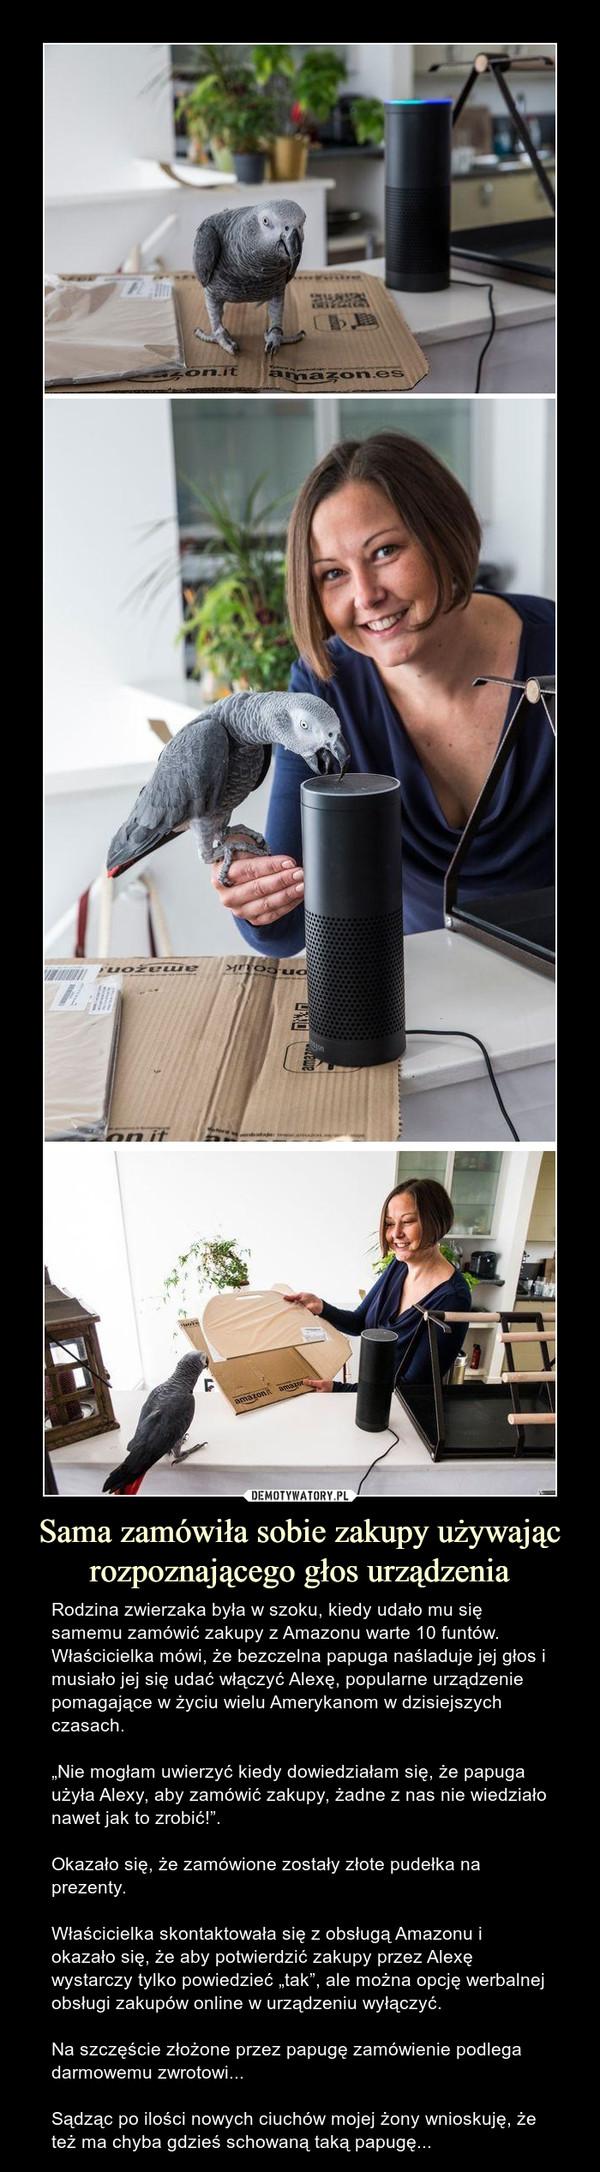 """Sama zamówiła sobie zakupy używając rozpoznającego głos urządzenia – Rodzina zwierzaka była w szoku, kiedy udało mu się samemu zamówić zakupy z Amazonu warte 10 funtów. Właścicielka mówi, że bezczelna papuga naśladuje jej głos i musiało jej się udać włączyćAlexę, popularne urządzenie pomagające w życiu wielu Amerykanom w dzisiejszych czasach.""""Nie mogłam uwierzyć kiedy dowiedziałam się, że papuga użyła Alexy, aby zamówić zakupy, żadne z nas nie wiedziało nawet jak to zrobić!"""". Okazało się, że zamówione zostały złote pudełka na prezenty. Właścicielka skontaktowała się z obsługą Amazonu i okazało się, że aby potwierdzić zakupy przez Alexę wystarczy tylko powiedzieć """"tak"""", ale można opcję werbalnej obsługi zakupów online w urządzeniu wyłączyć.Na szczęście złożone przez papugę zamówienie podlega darmowemu zwrotowi...Sądząc po ilości nowych ciuchów mojej żony wnioskuję, że też ma chyba gdzieś schowaną taką papugę..."""